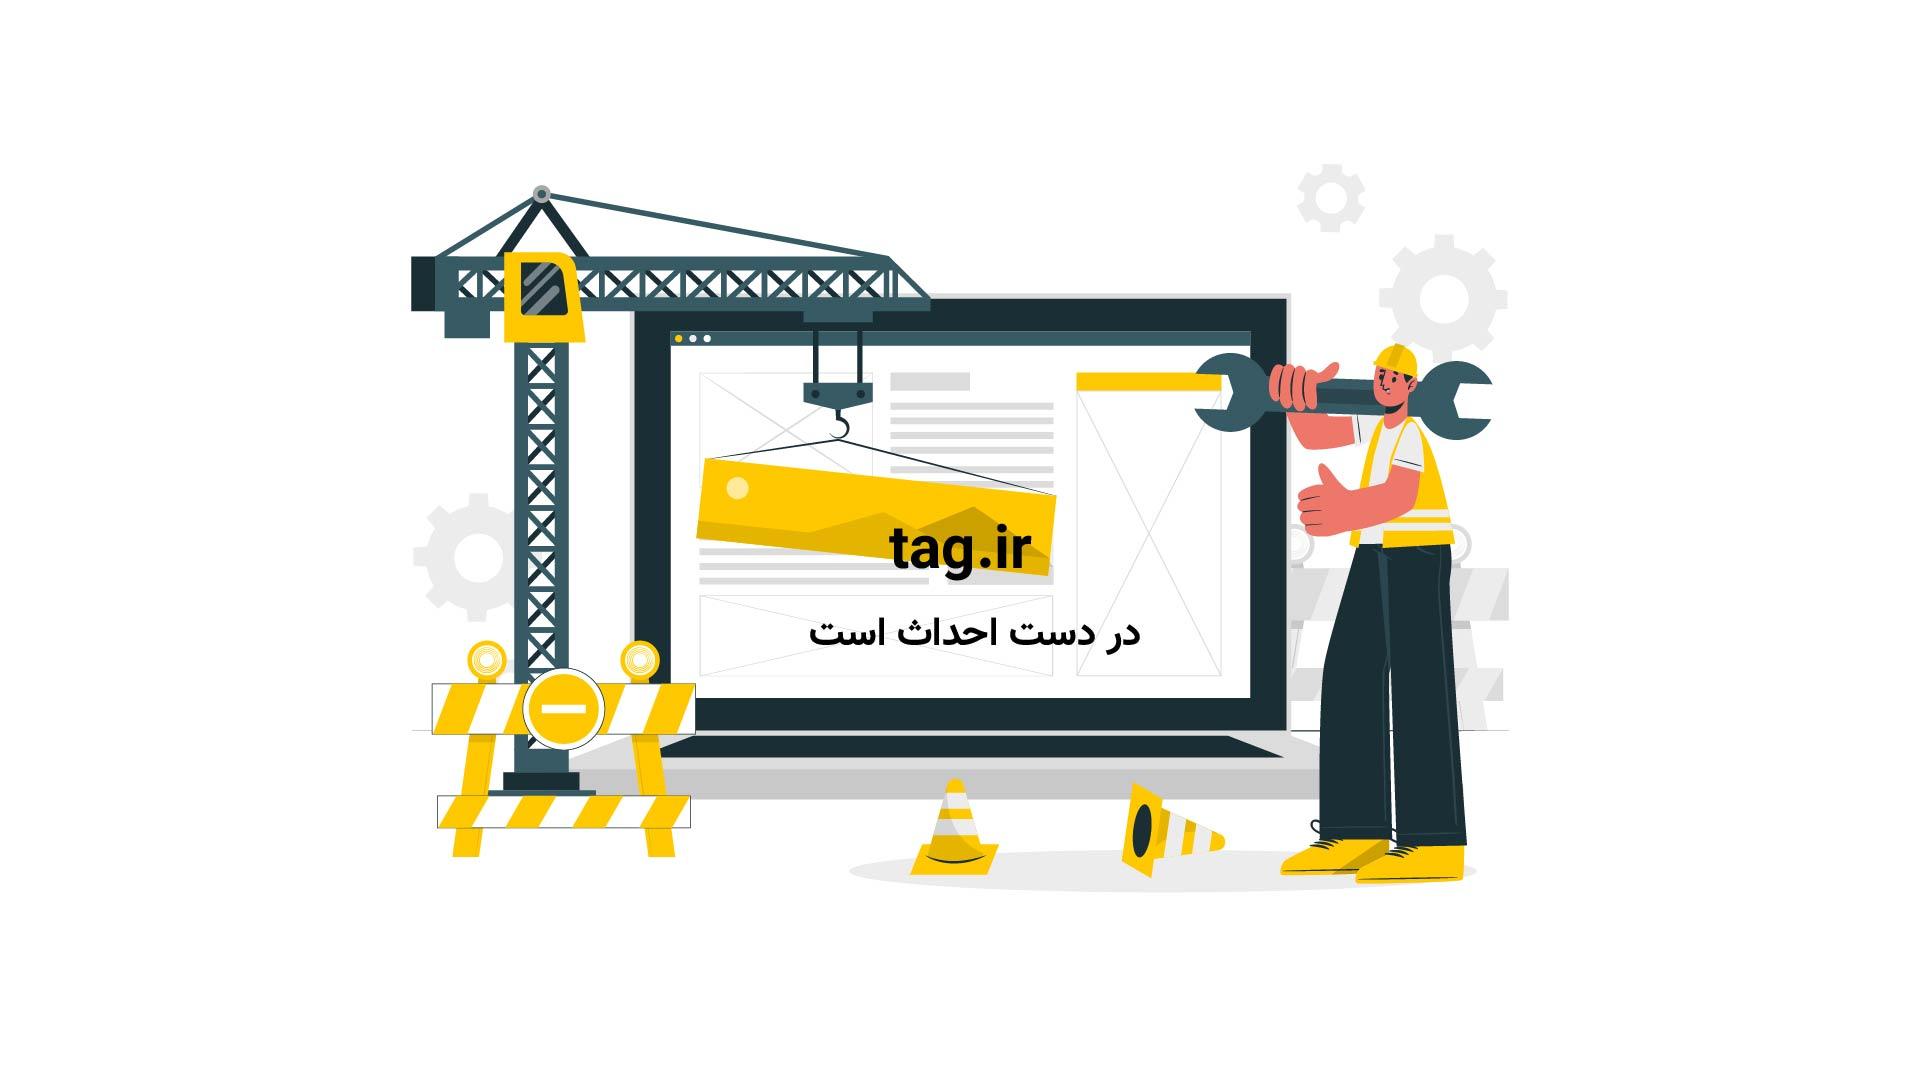 نقاشی چسب زخم | تگ